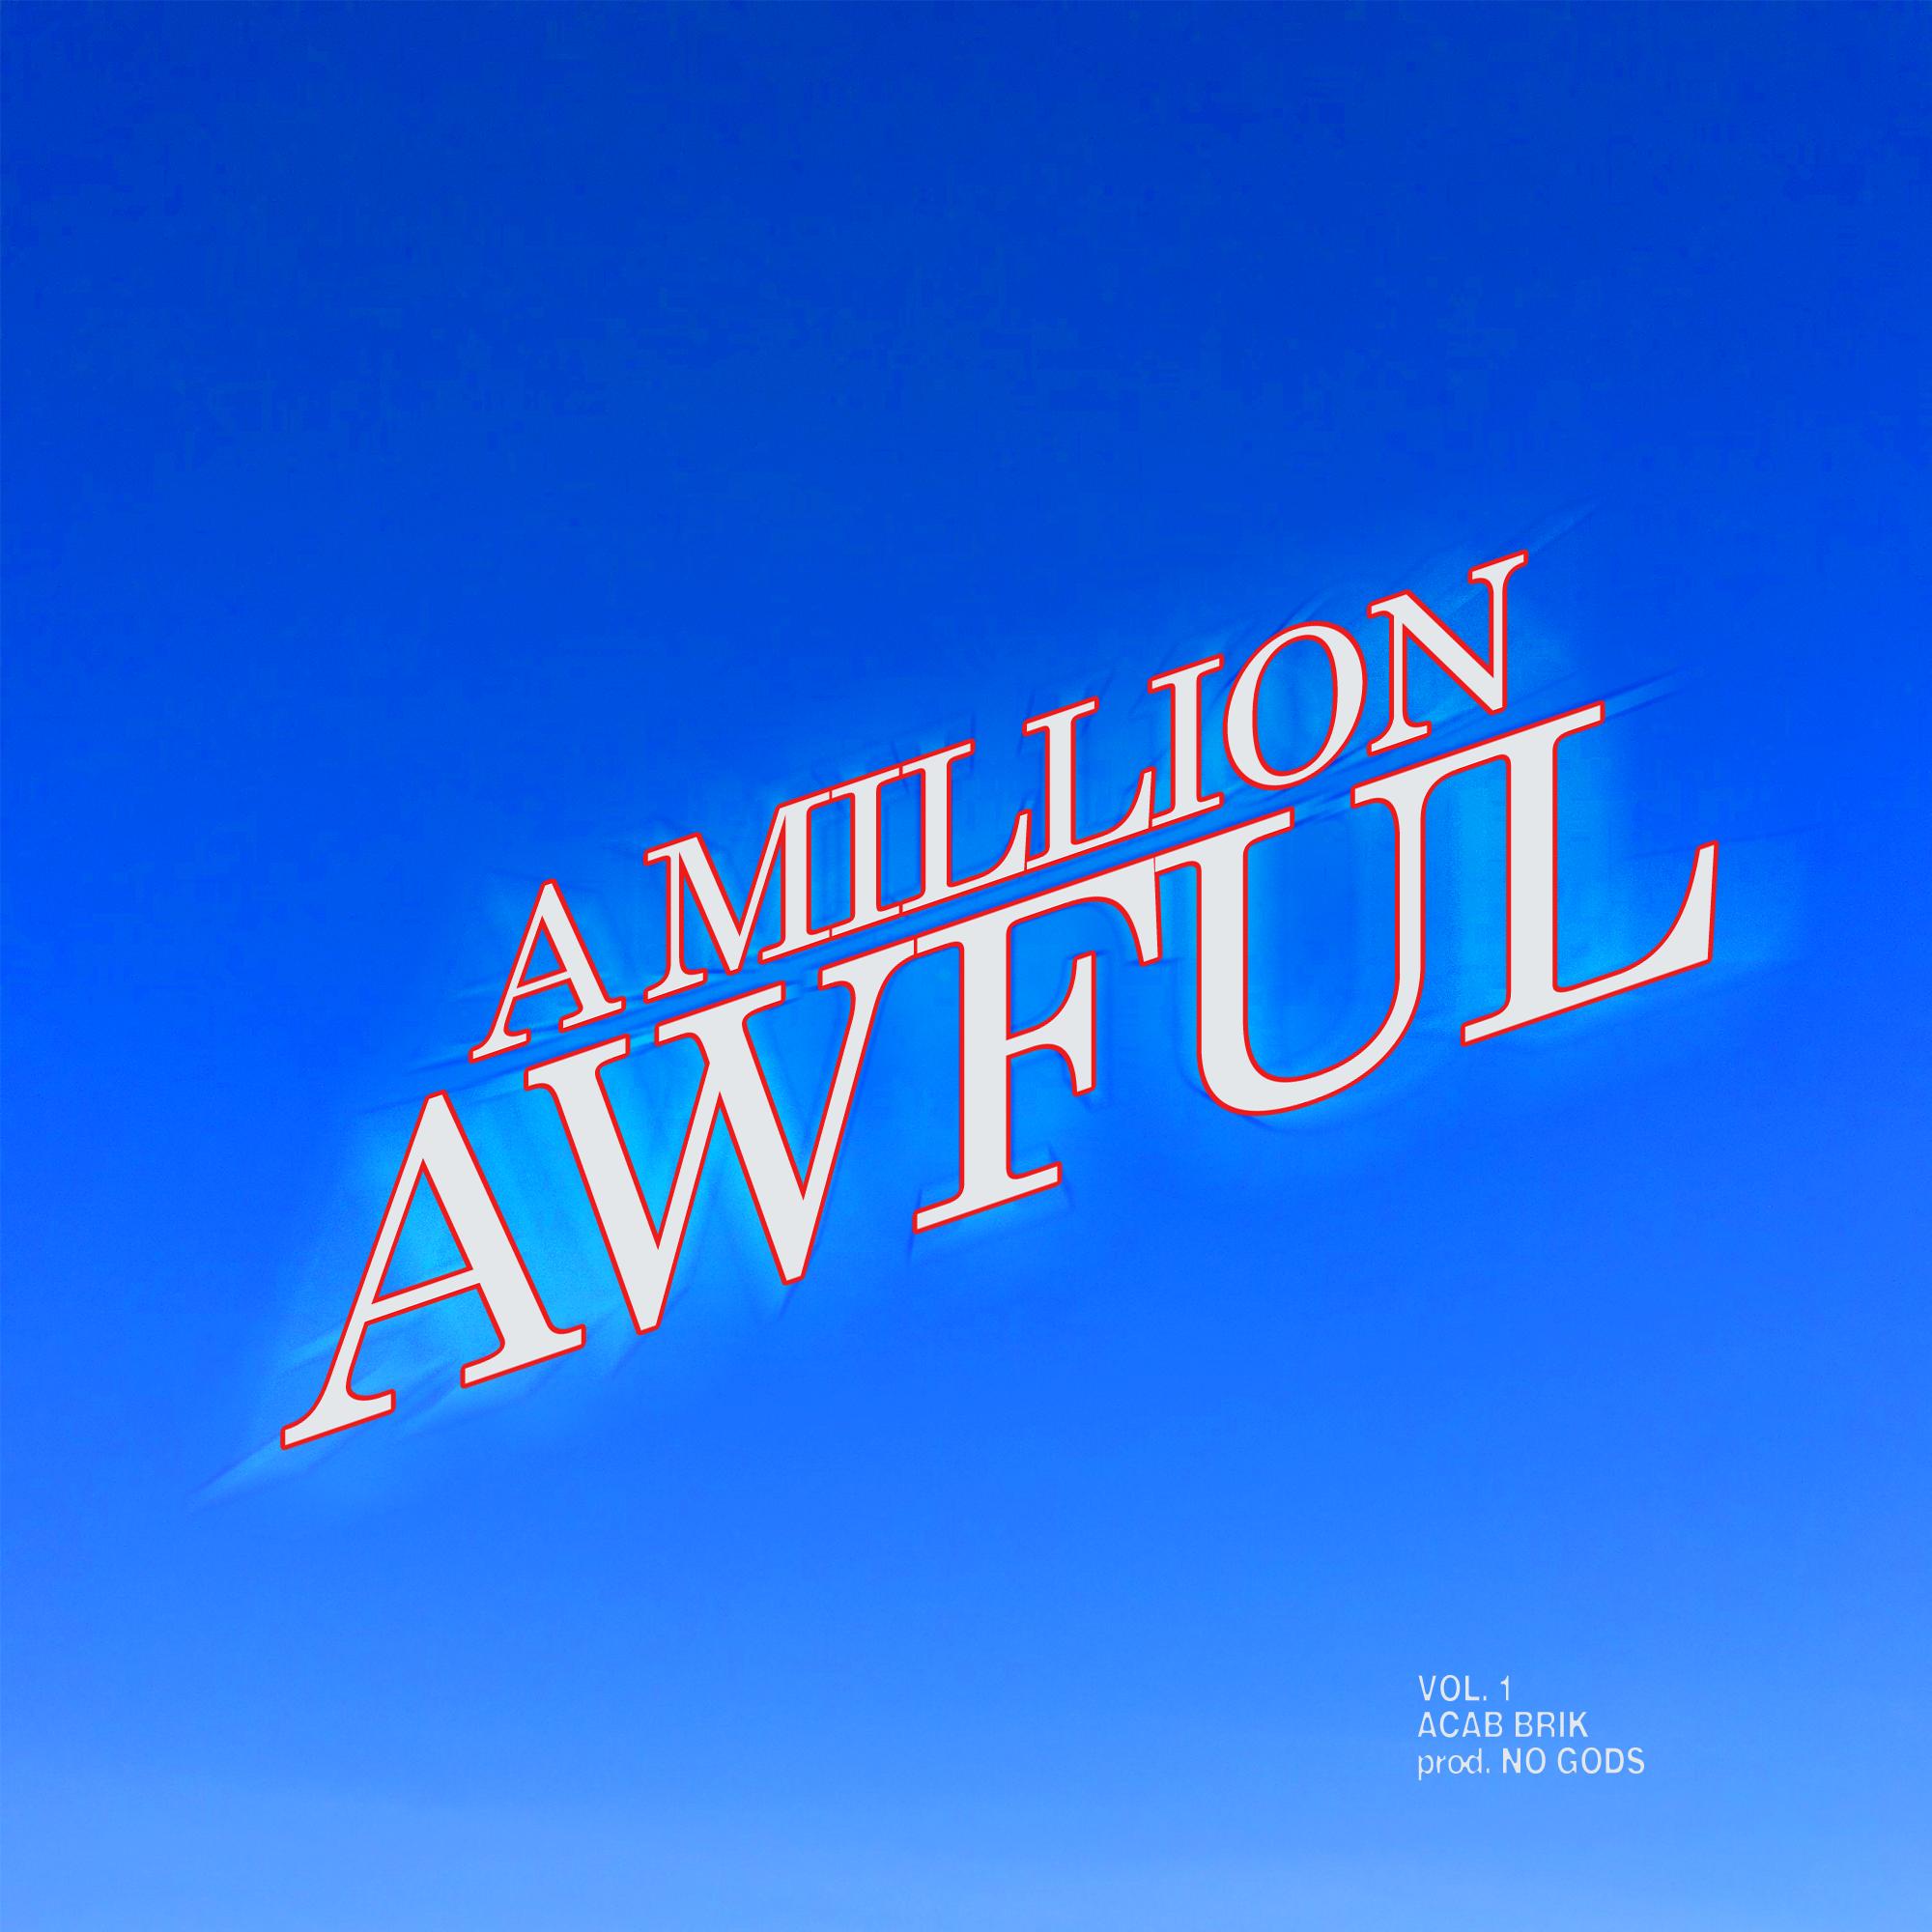 acab brik - a million awful vol. 1 7